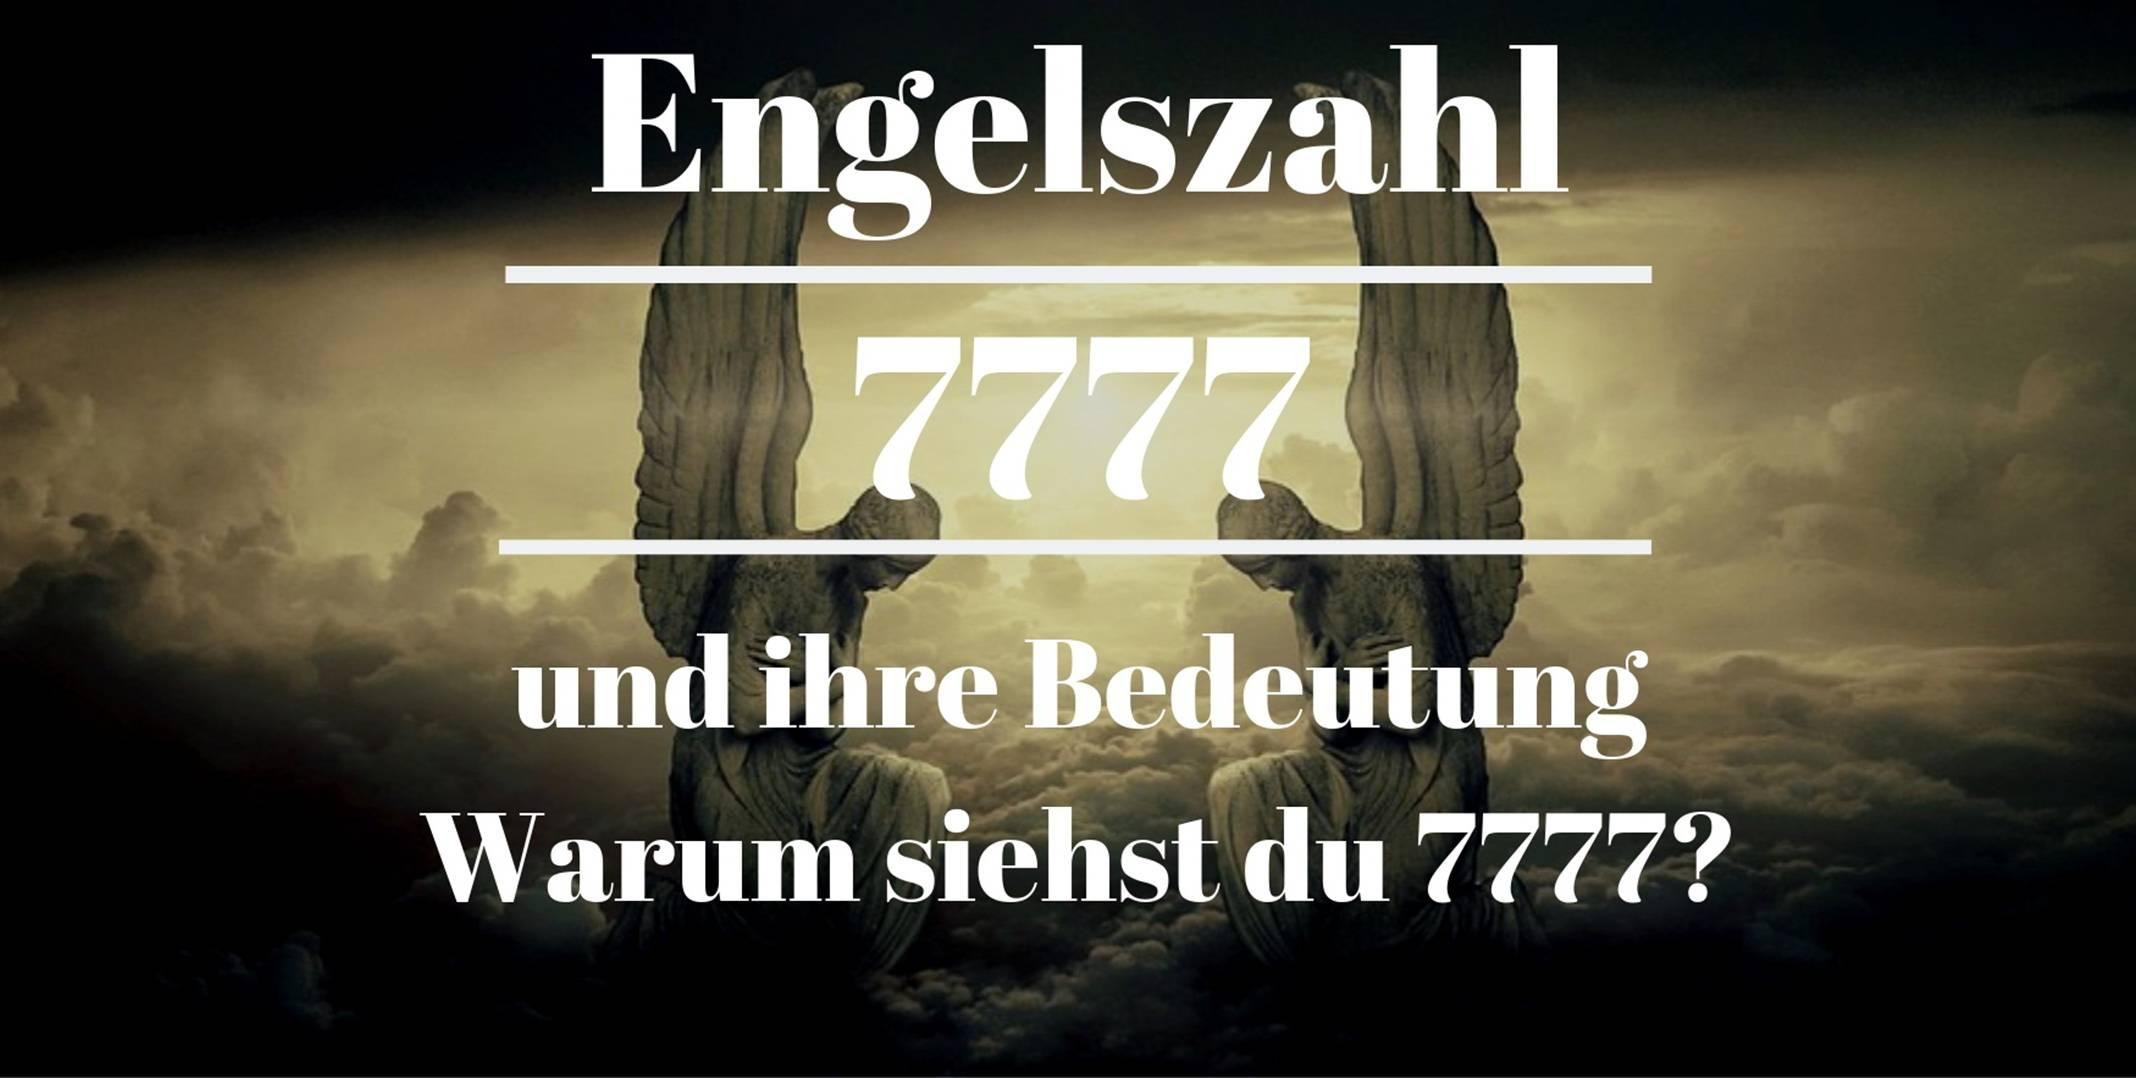 Engelszahl 7777 und ihre Bedeutung – Warum siehst du 7777?